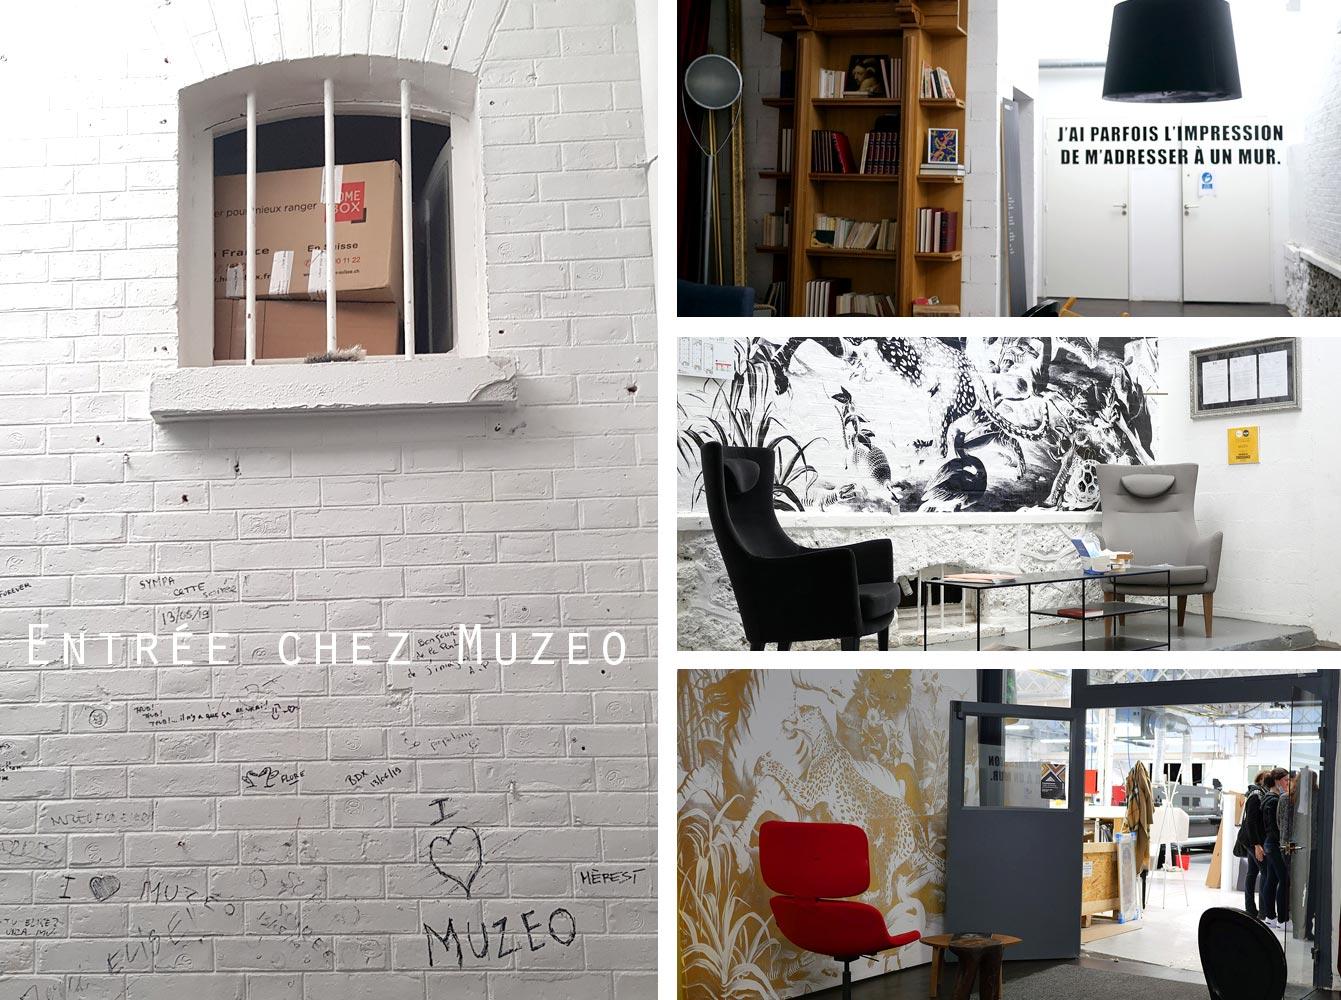 Muzeo, spécialiste de la reproduction d'art haut de gamme